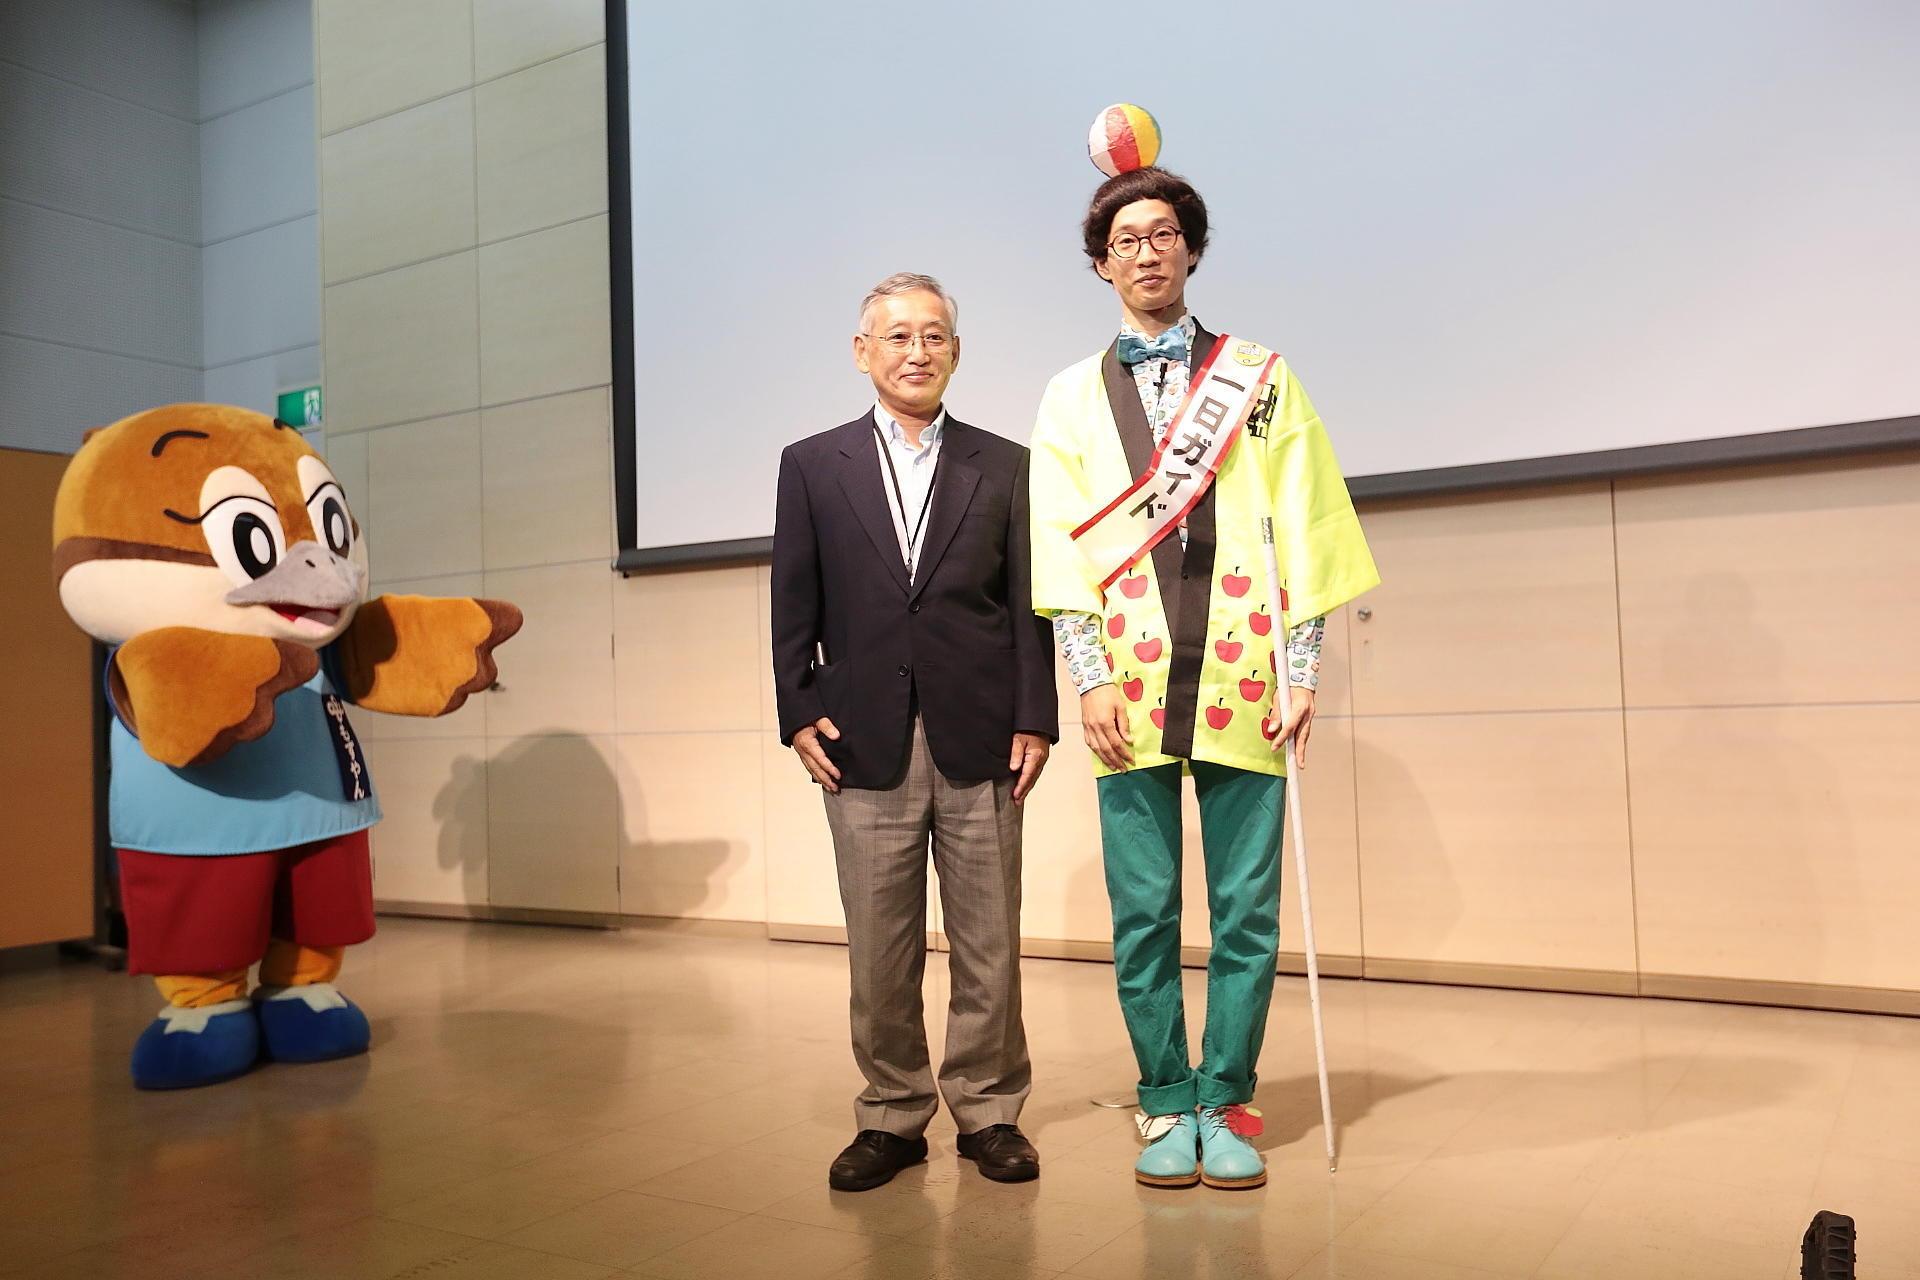 http://news.yoshimoto.co.jp/20170811032504-05d9238726d5d56a2d9d1e53ffb1f0ac05a254ad.jpg